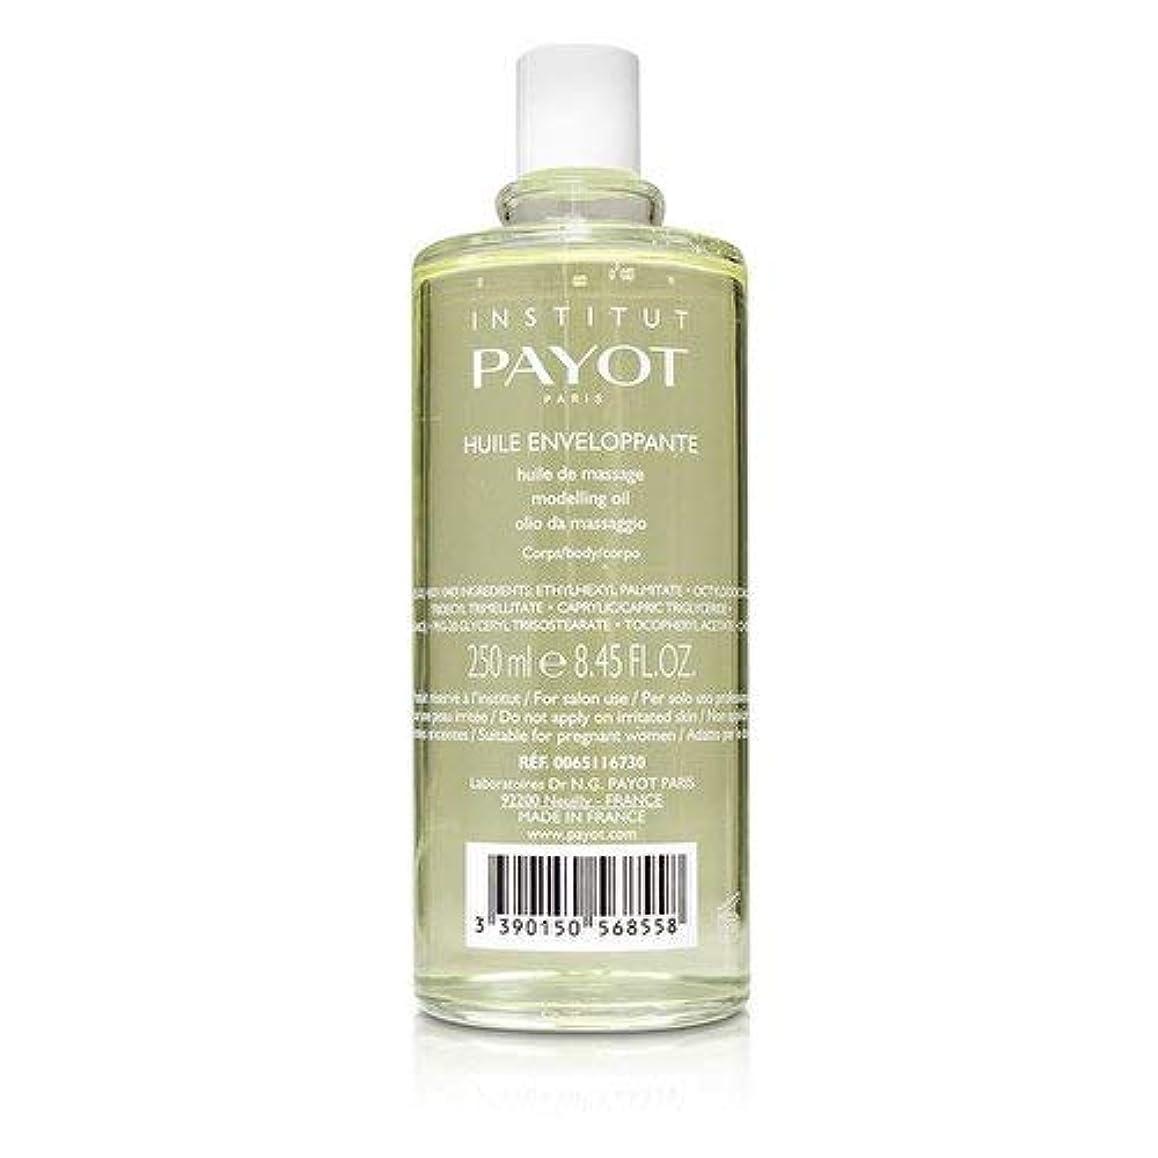 ジョガーほんのライターパイヨ Huile Enveloppante - Body Massage Oil (Orange Blossom & Rose) (Salon Product) 250ml/8.4oz並行輸入品